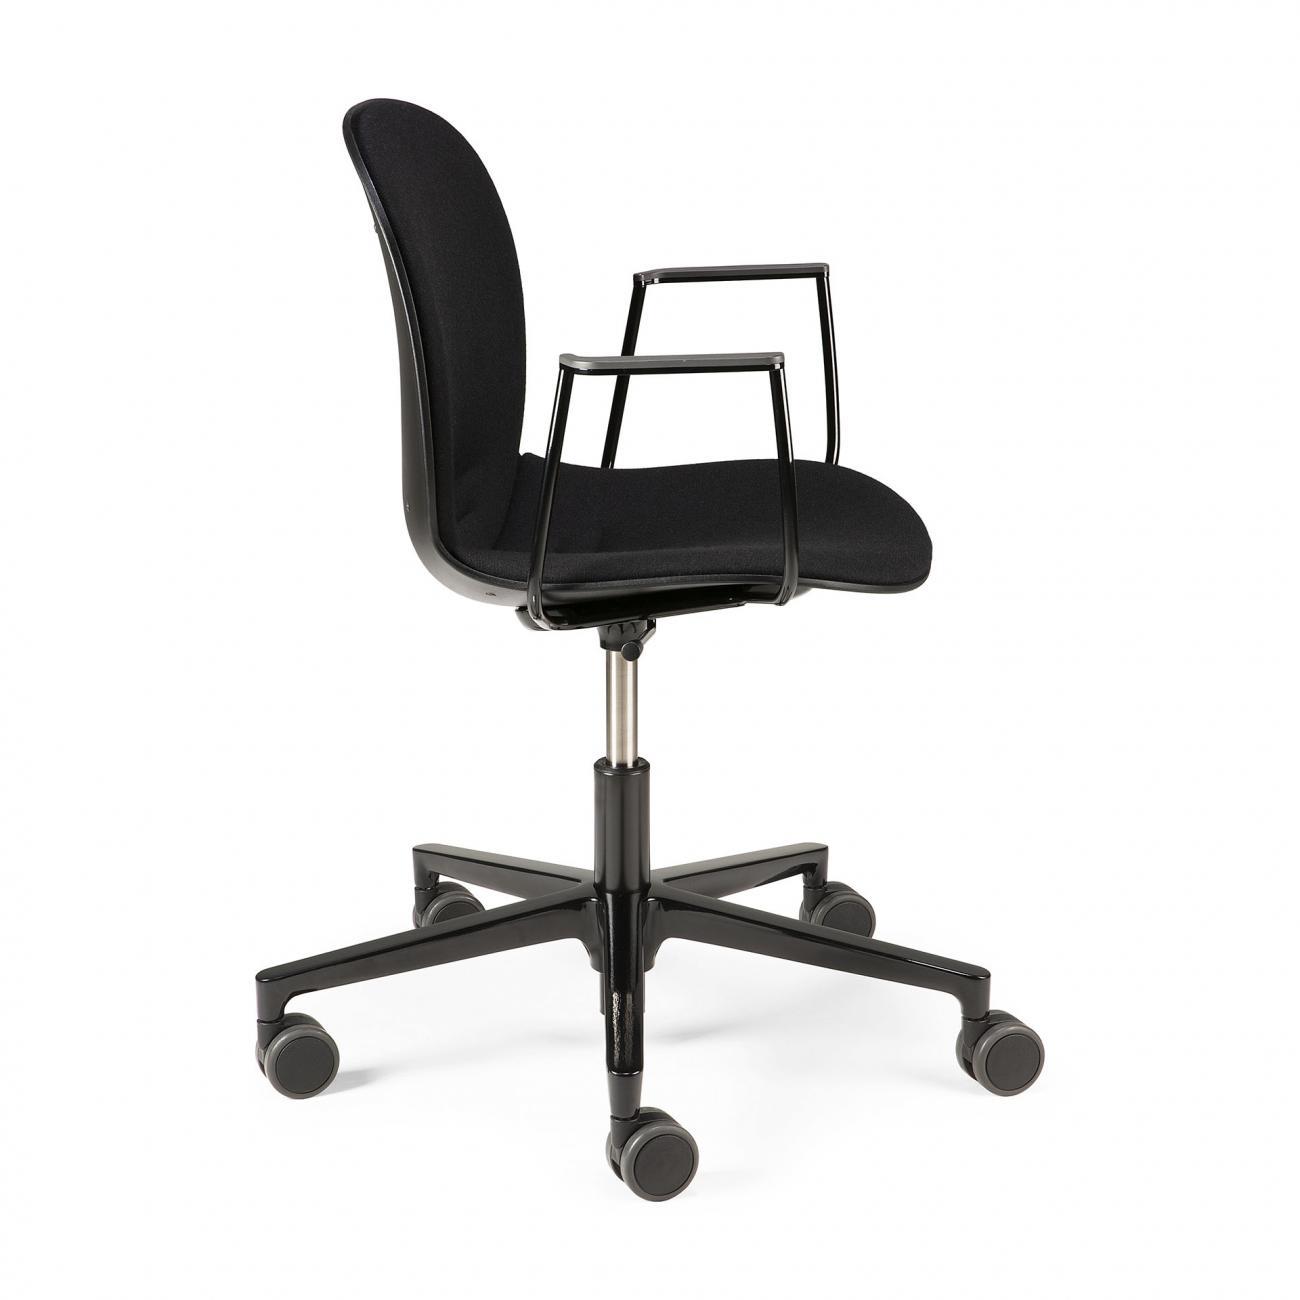 https://www.fundesign.nl/media/catalog/product/2/6/26015_rbm_noor_office_chair_armrest_black_side_cut_web.jpg